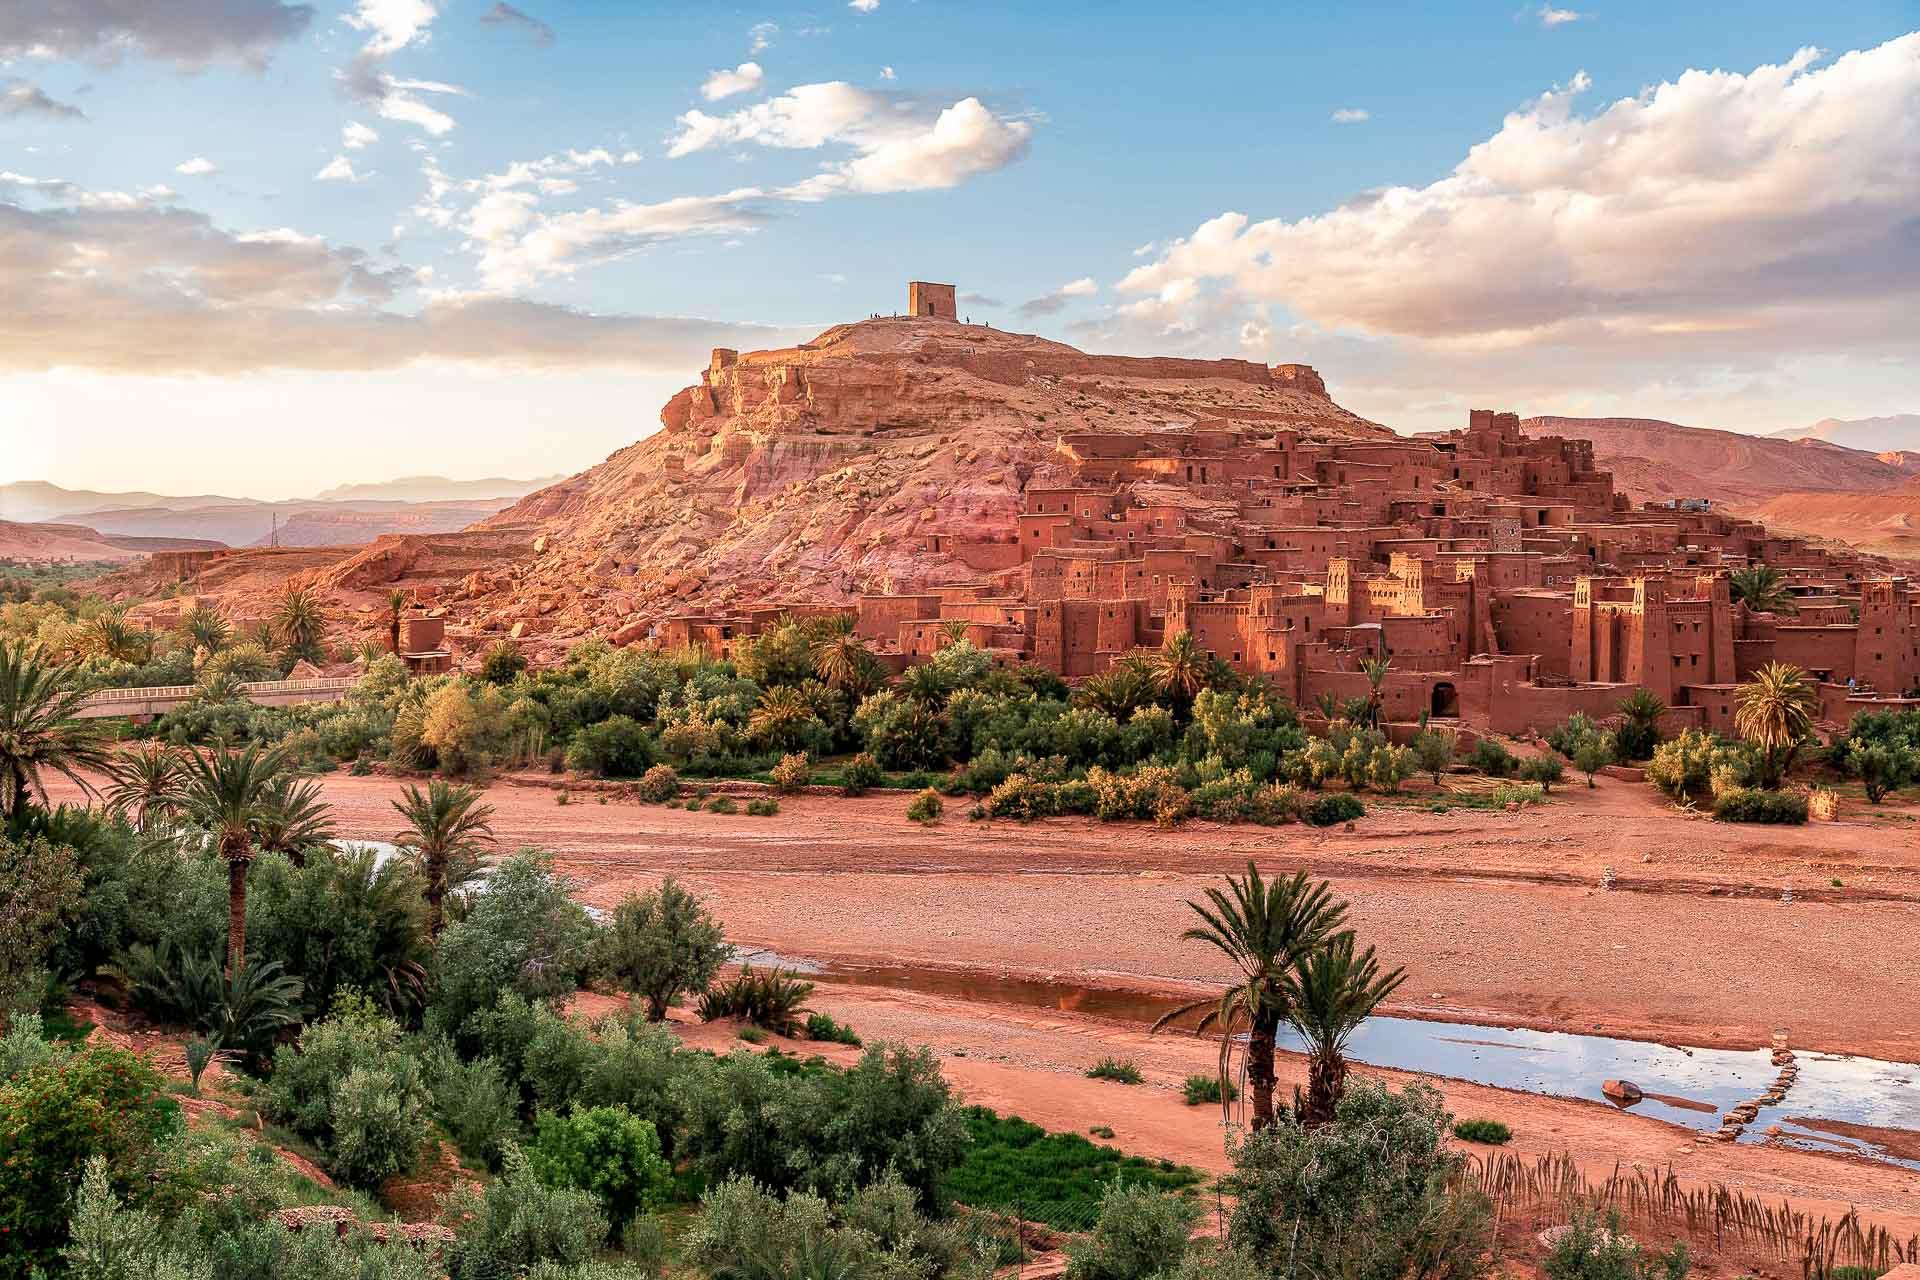 Ksar d'Aït-Ben-Haddou dans la province de Ouarzazate, un site inscrit sur la liste du patrimoine mondial de l'UNESCO © DR